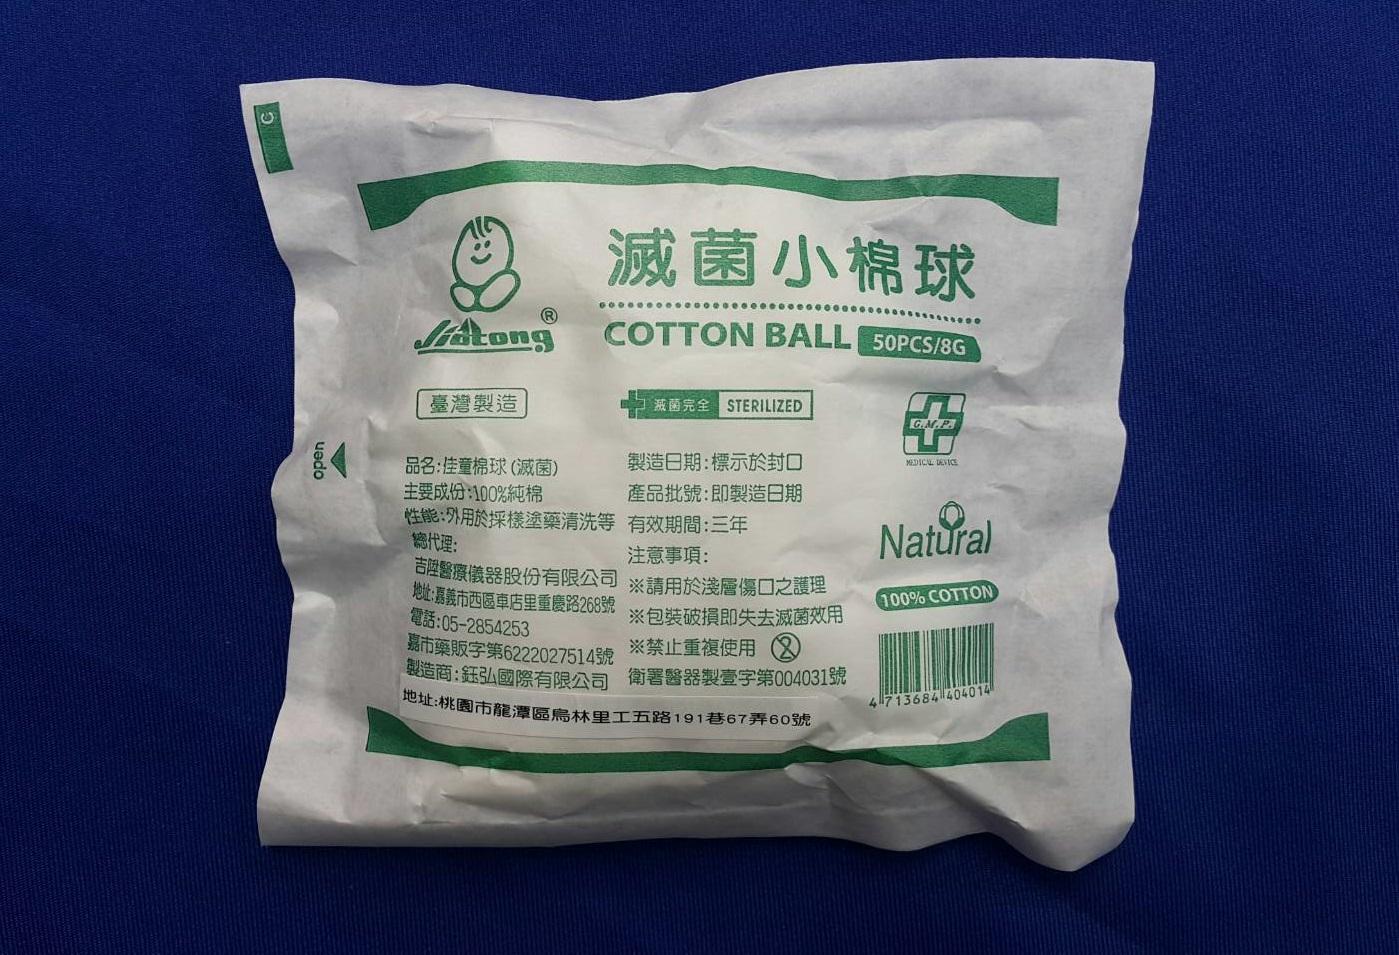 佳童消毒棉球-小粒